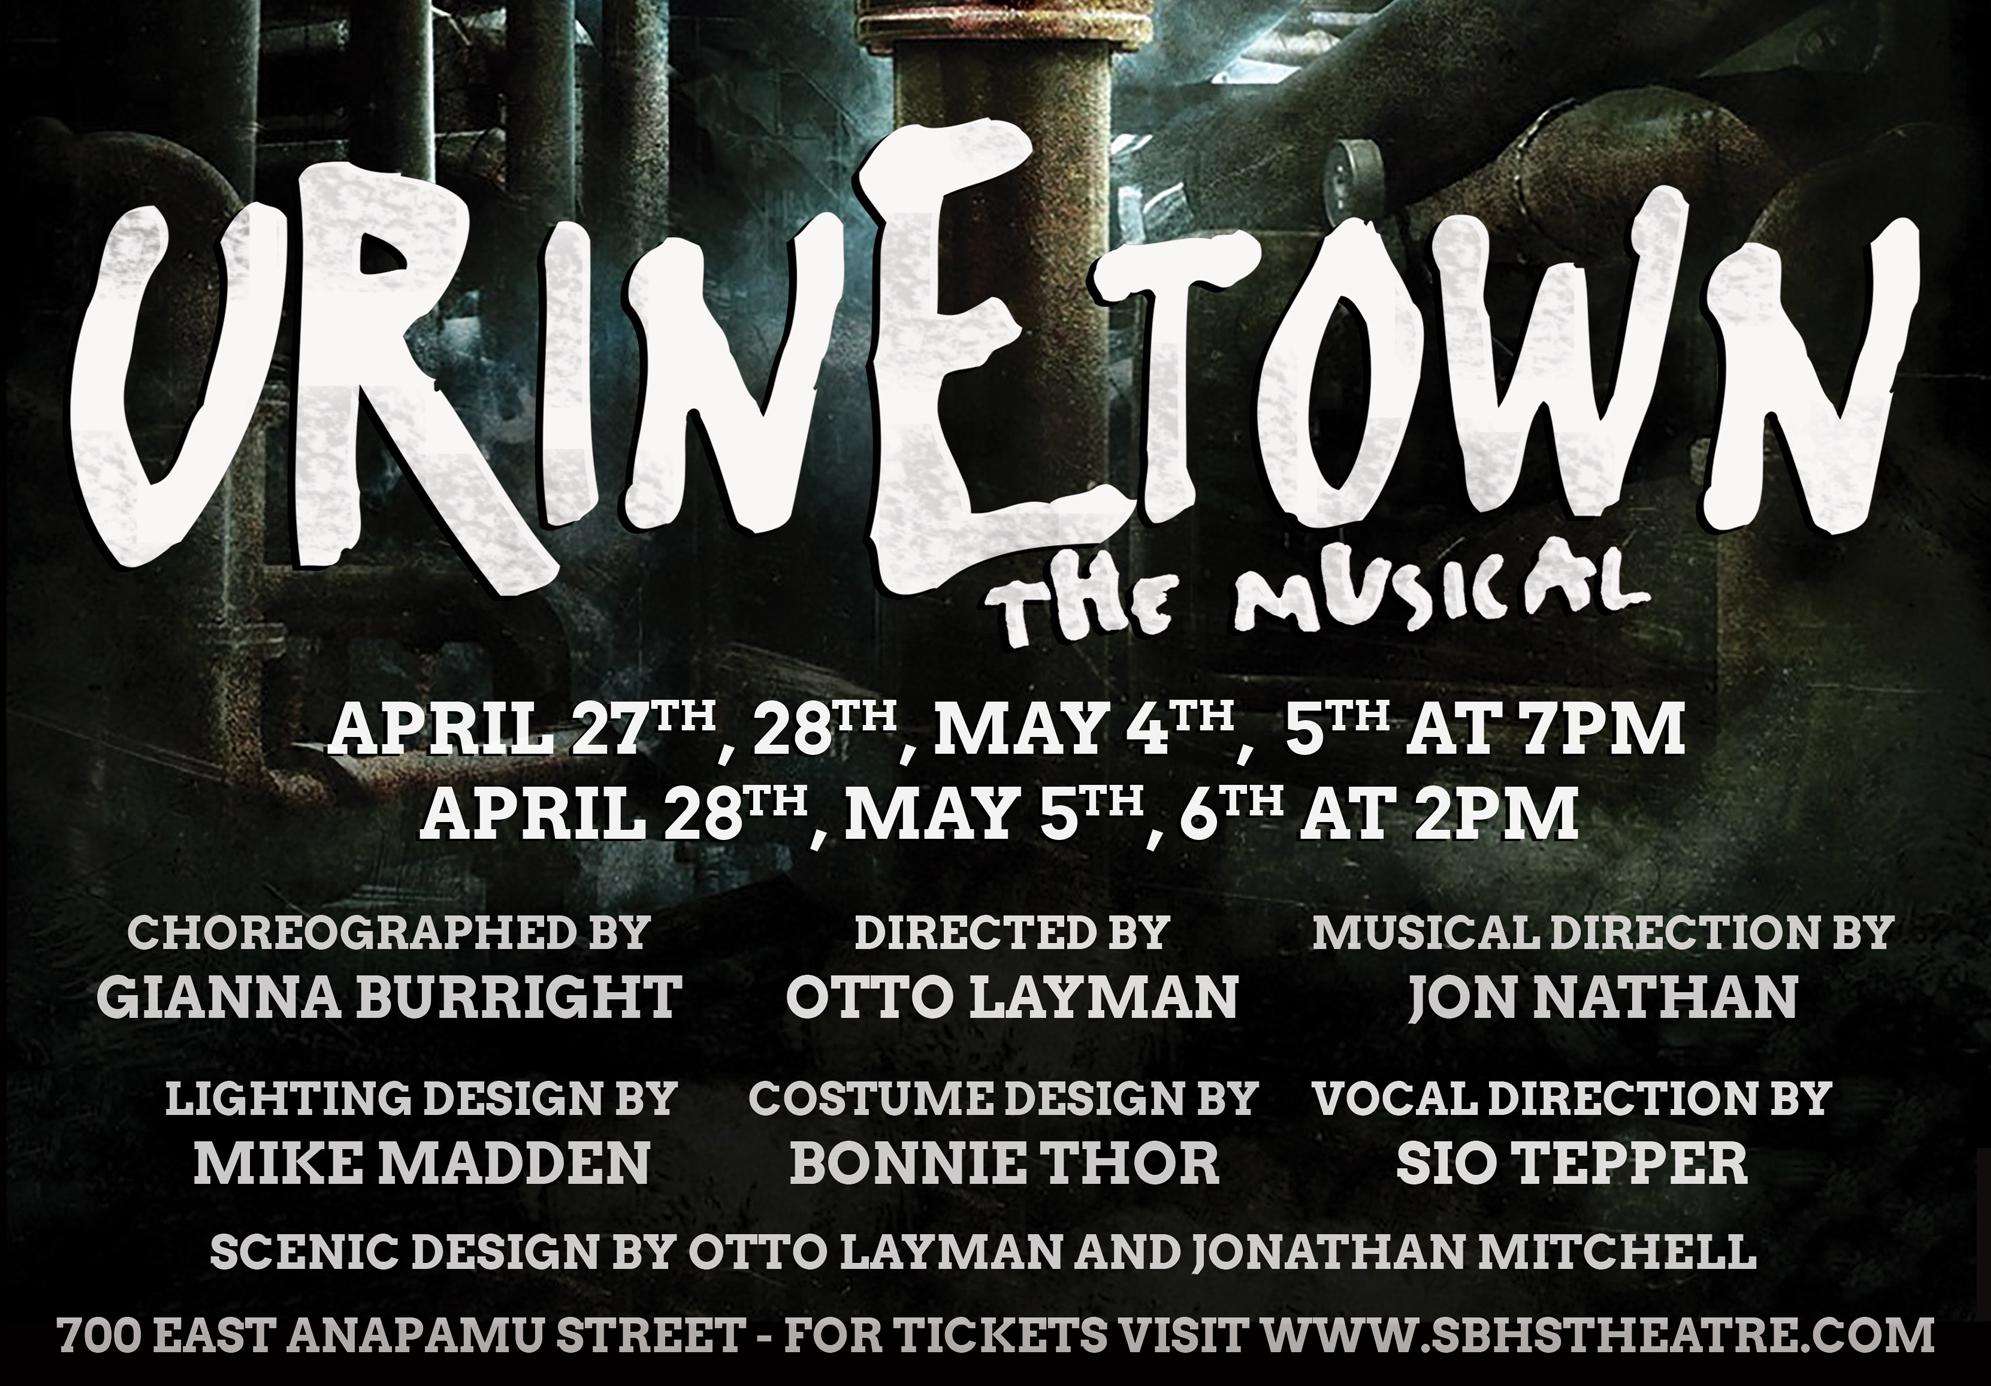 Urinetown, the musical, at Santa Barbara High School April 27th, 28th, May 4th, 5th, and 6th